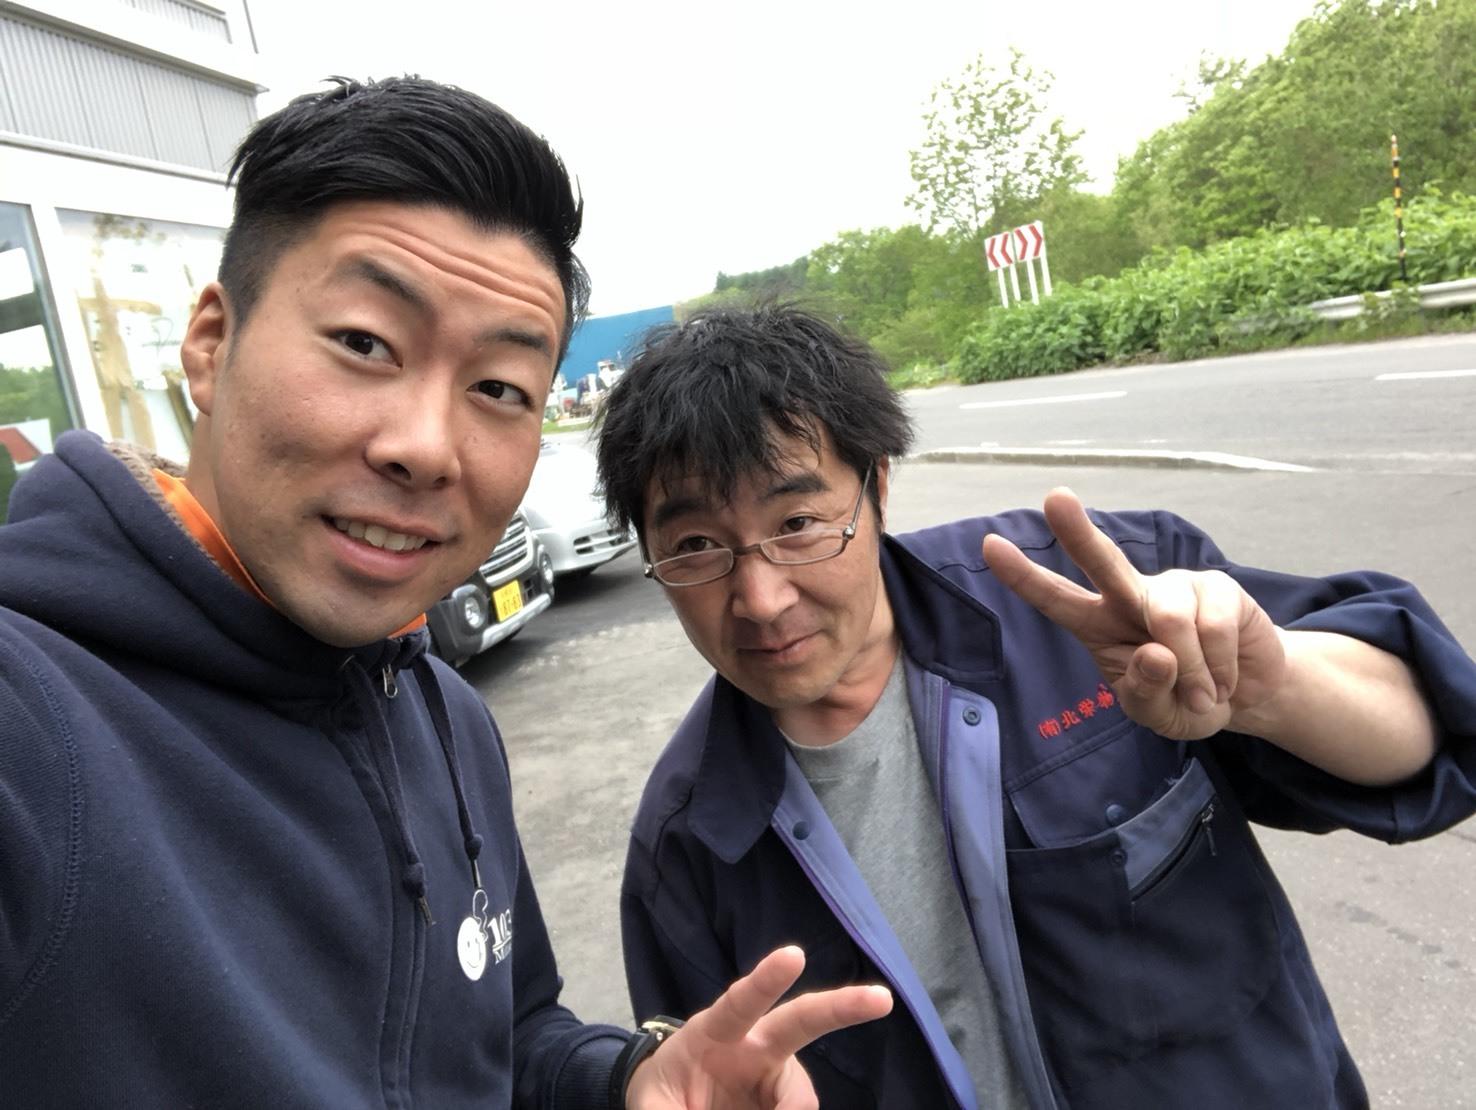 6月5日(火)トミーベース カスタムブログ☆ハマー LX570 ヴェルファイア 納車準備中☆_b0127002_12105745.jpg